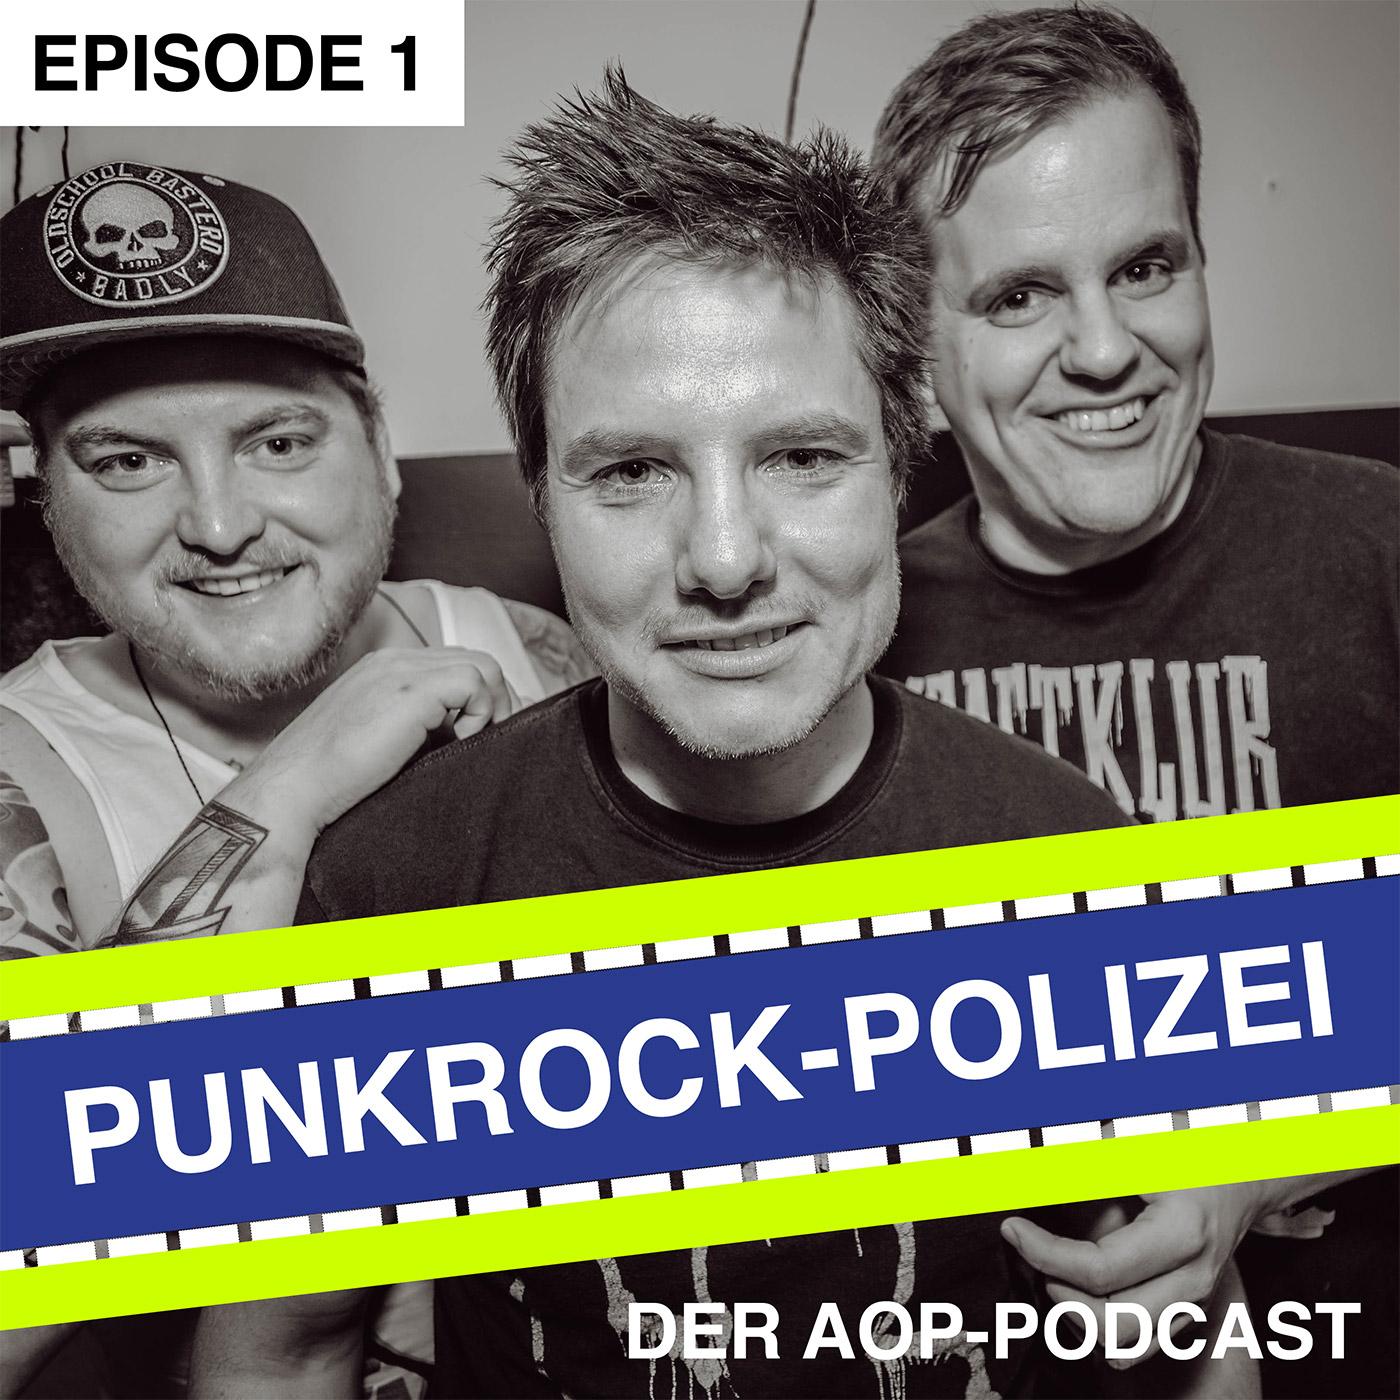 Episode #1: Schnelldurchlauf AOP - Wir ihr zu Punkrock-Polizisten werdet